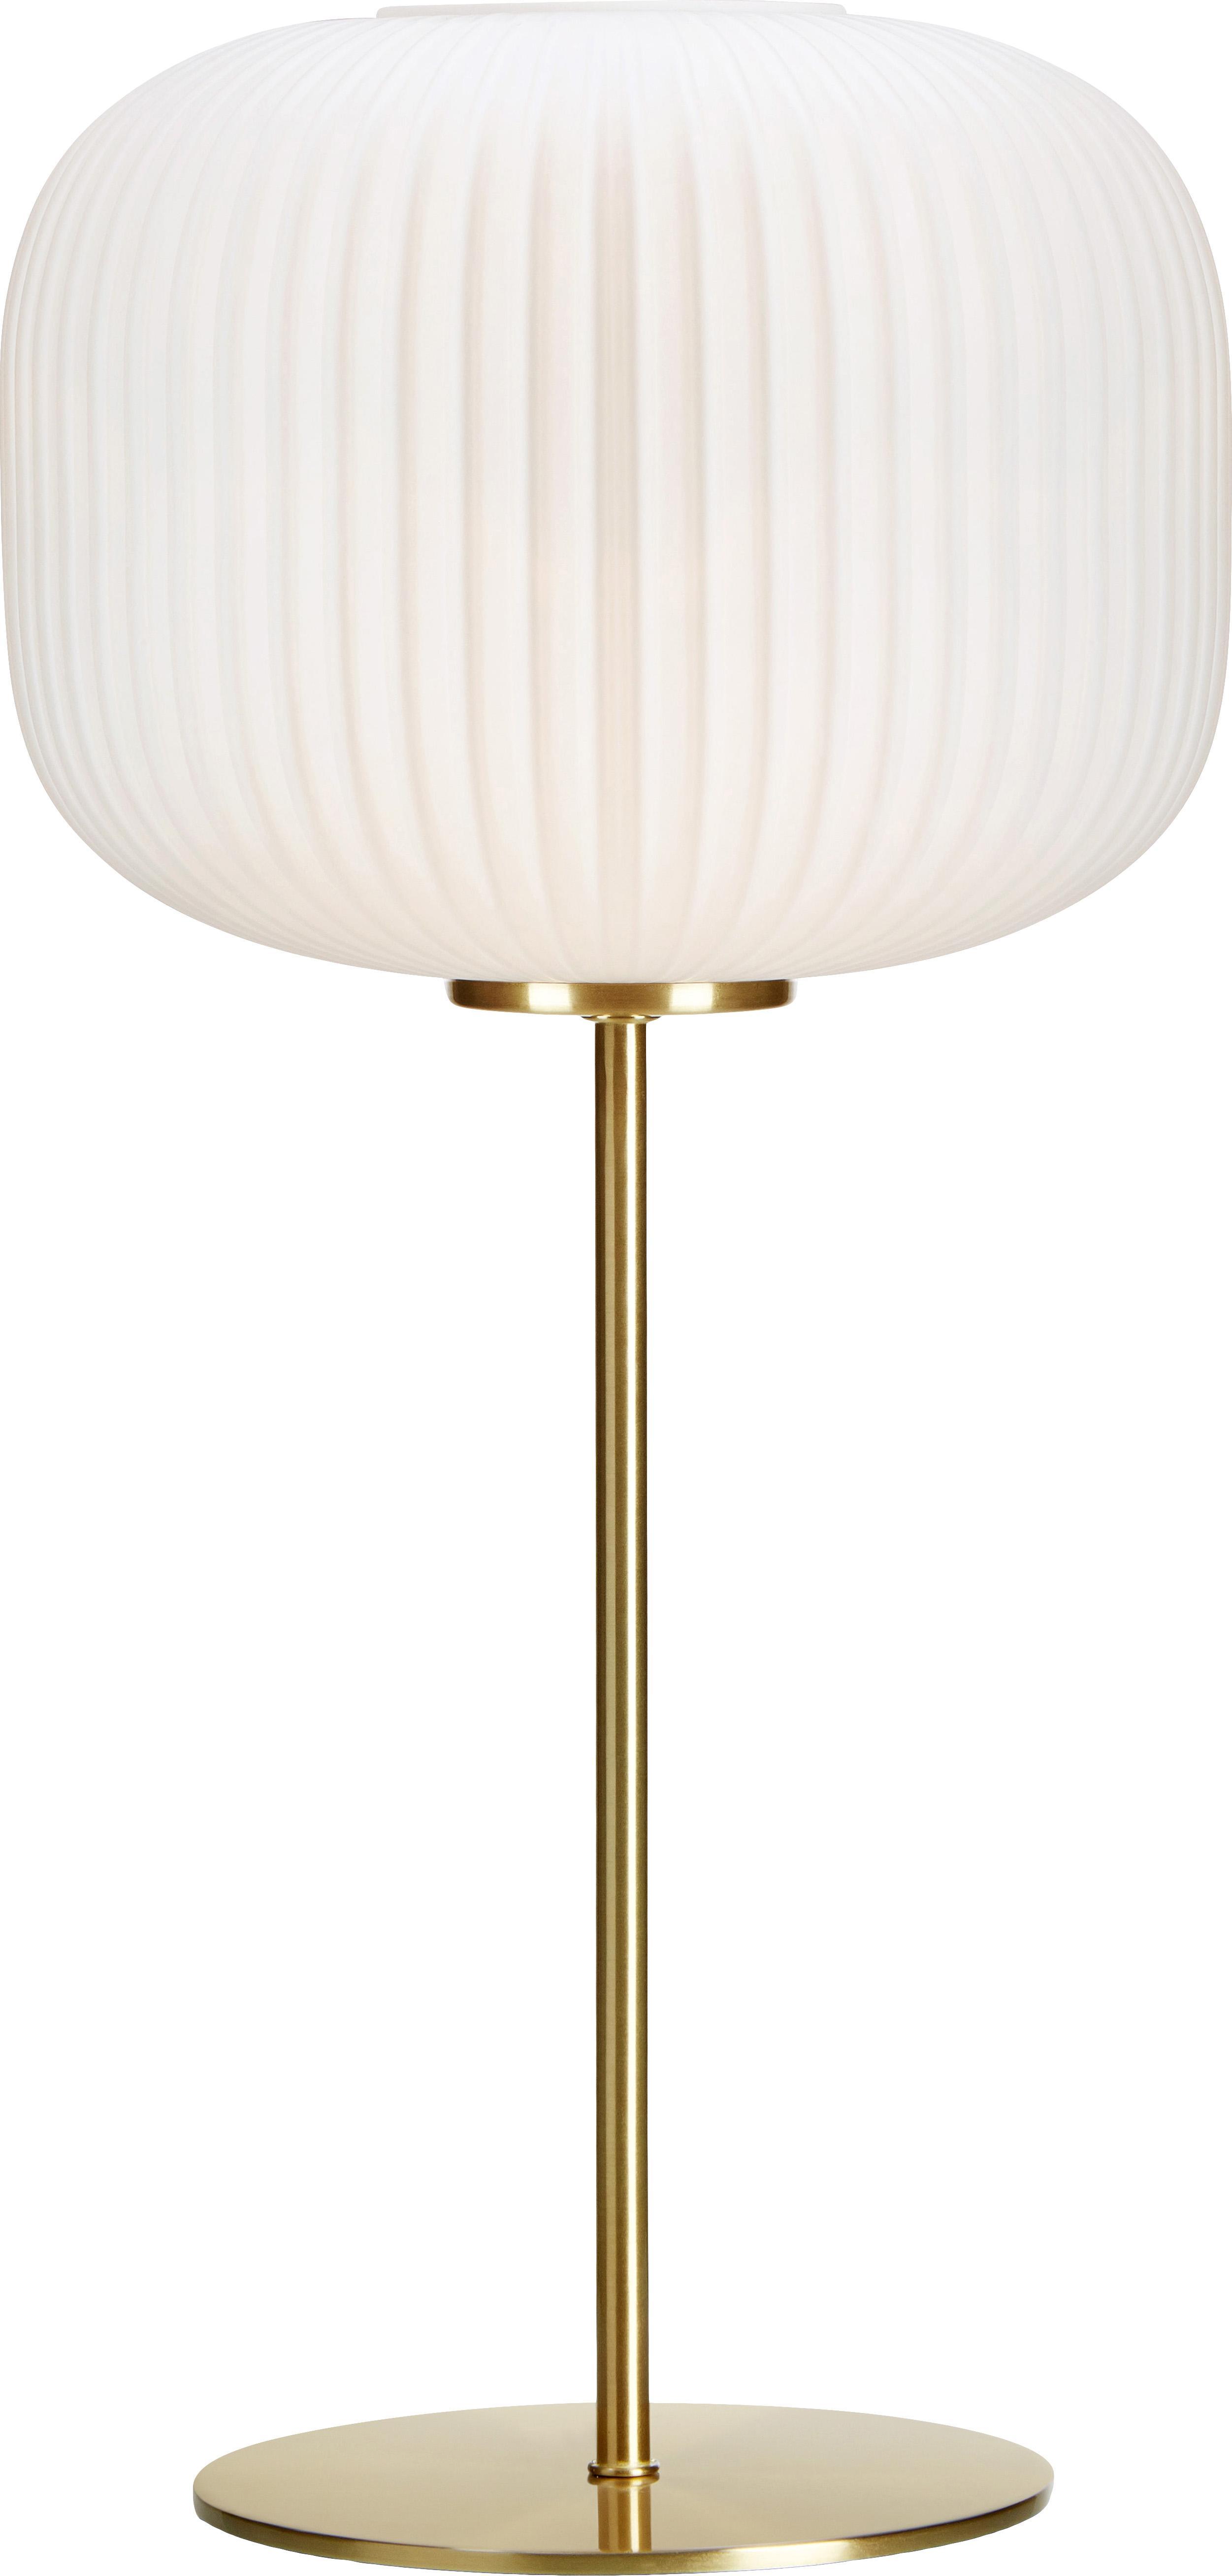 Tafellamp Sober, Glas, geborsteld metaal, Wit, messingkleurig, Ø 25 x H 50 cm